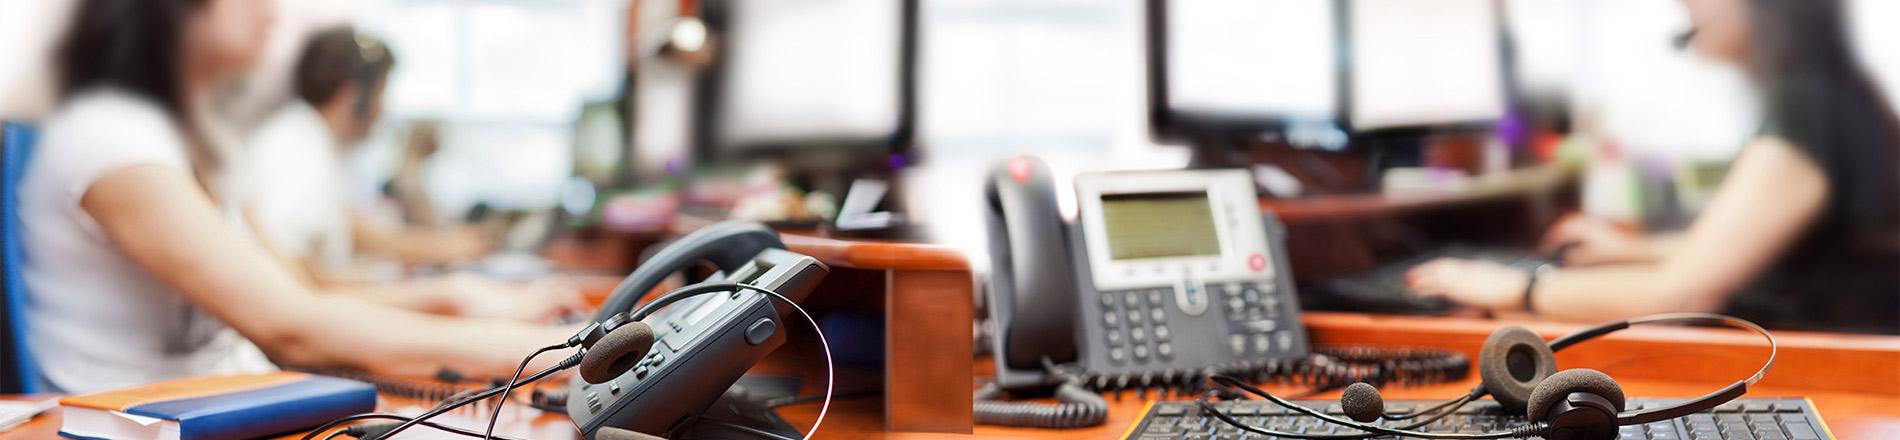 contact-center-call